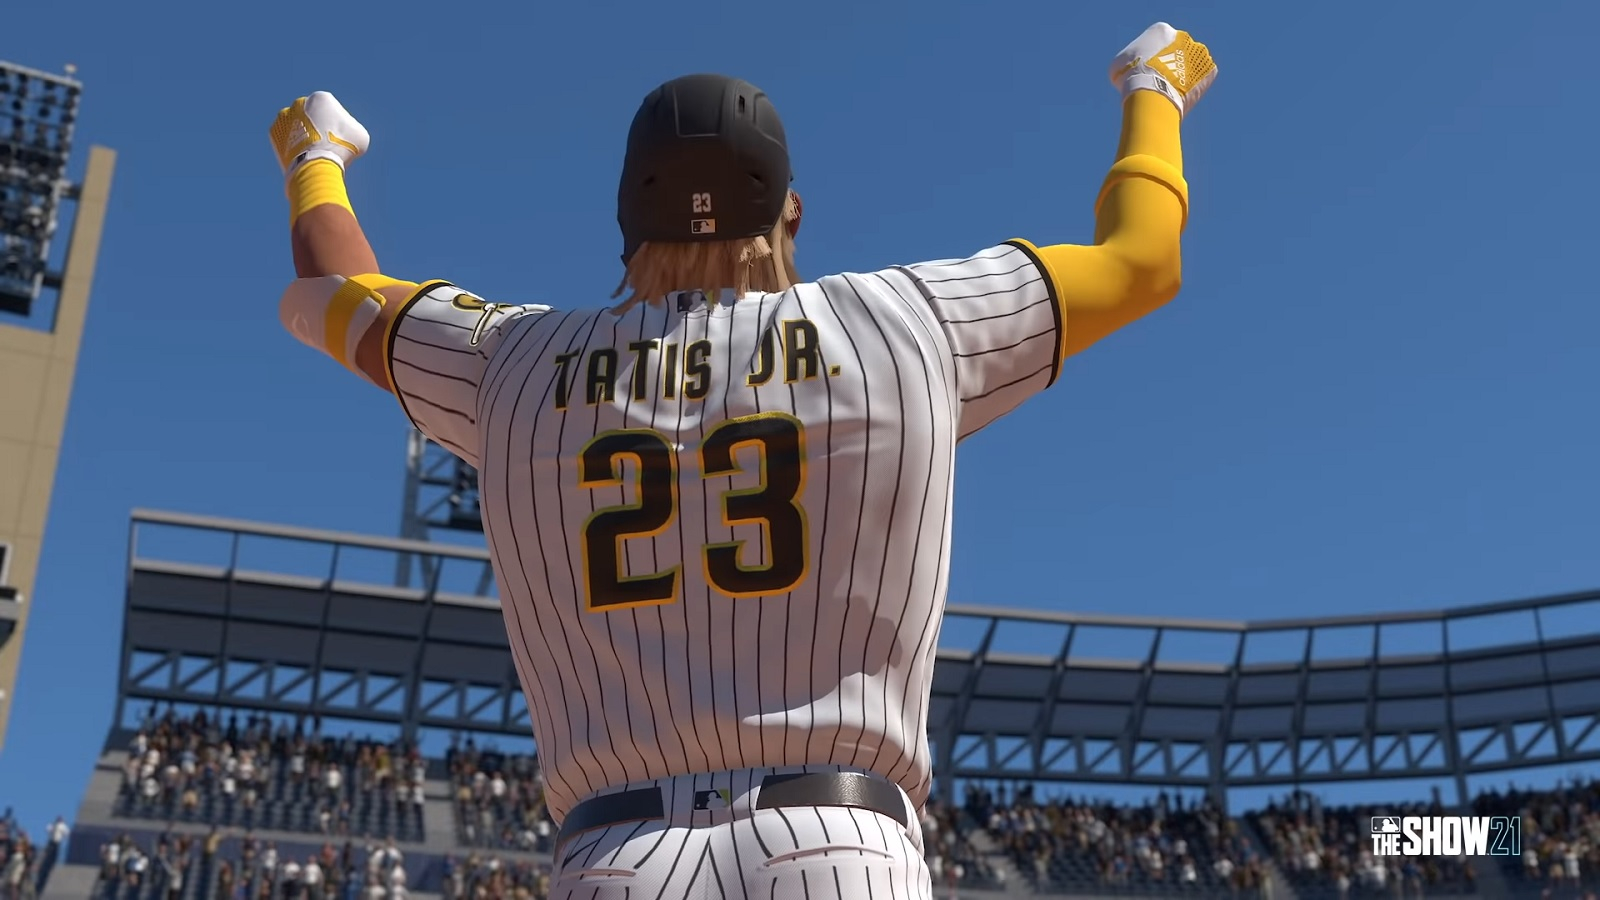 Разработчики MLB The Show 21 показали первый геймплей и анонсировали техническое тестирование